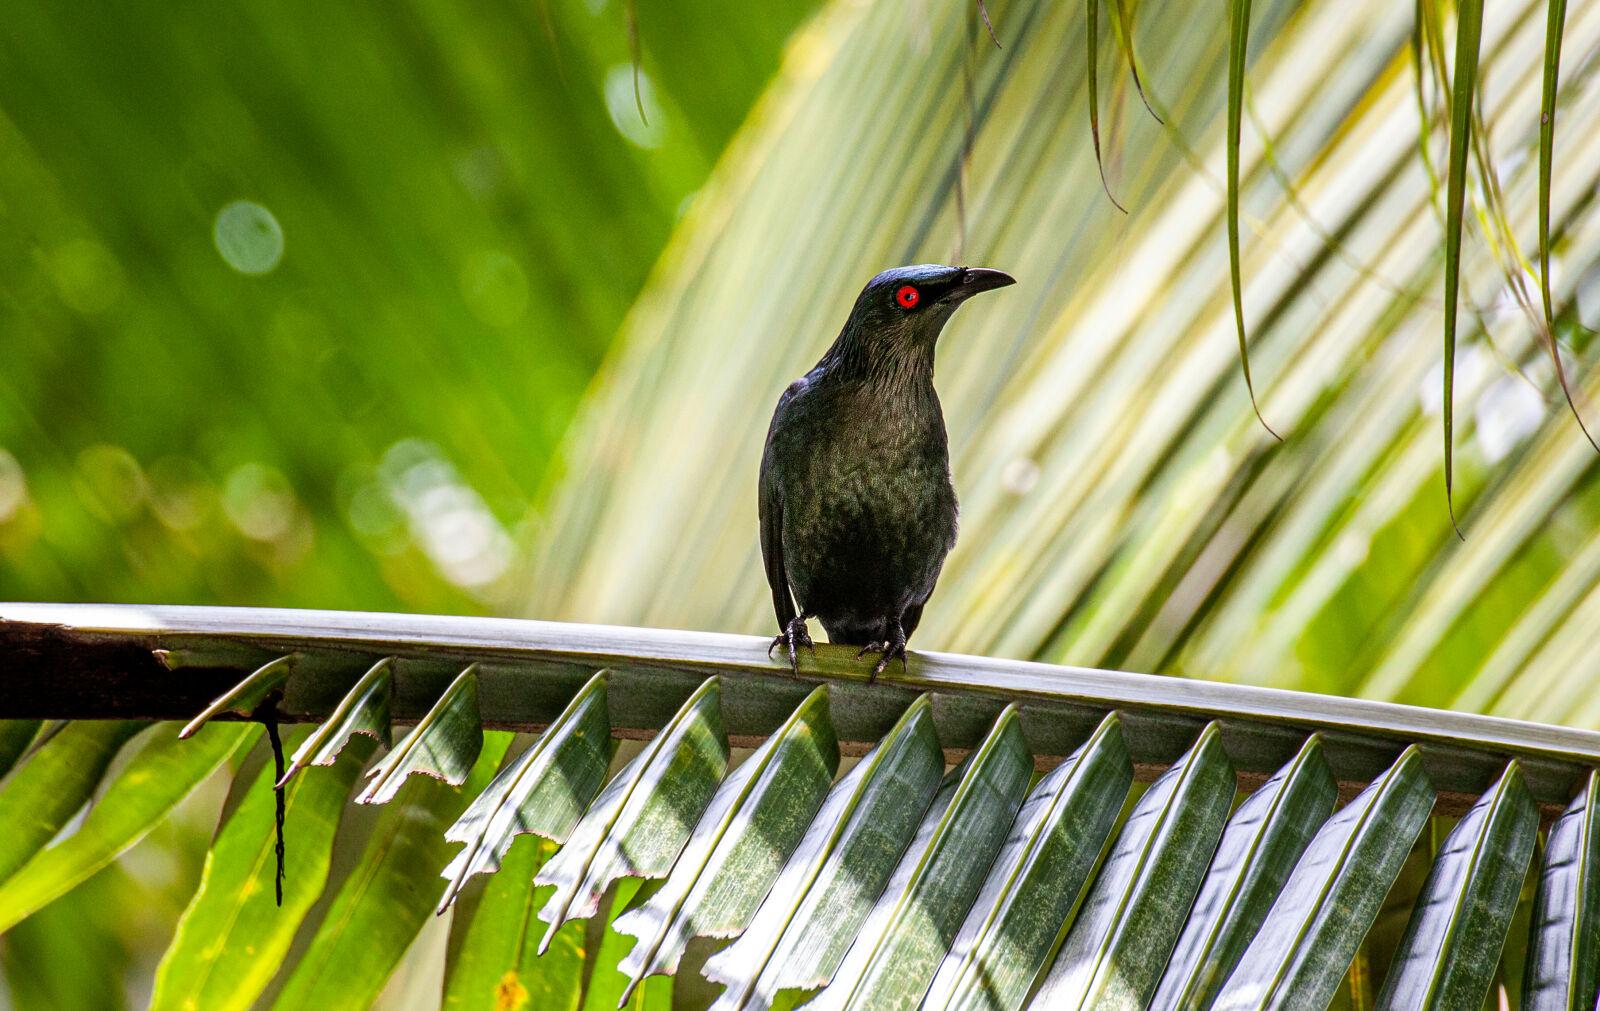 BIRD ON GREEN